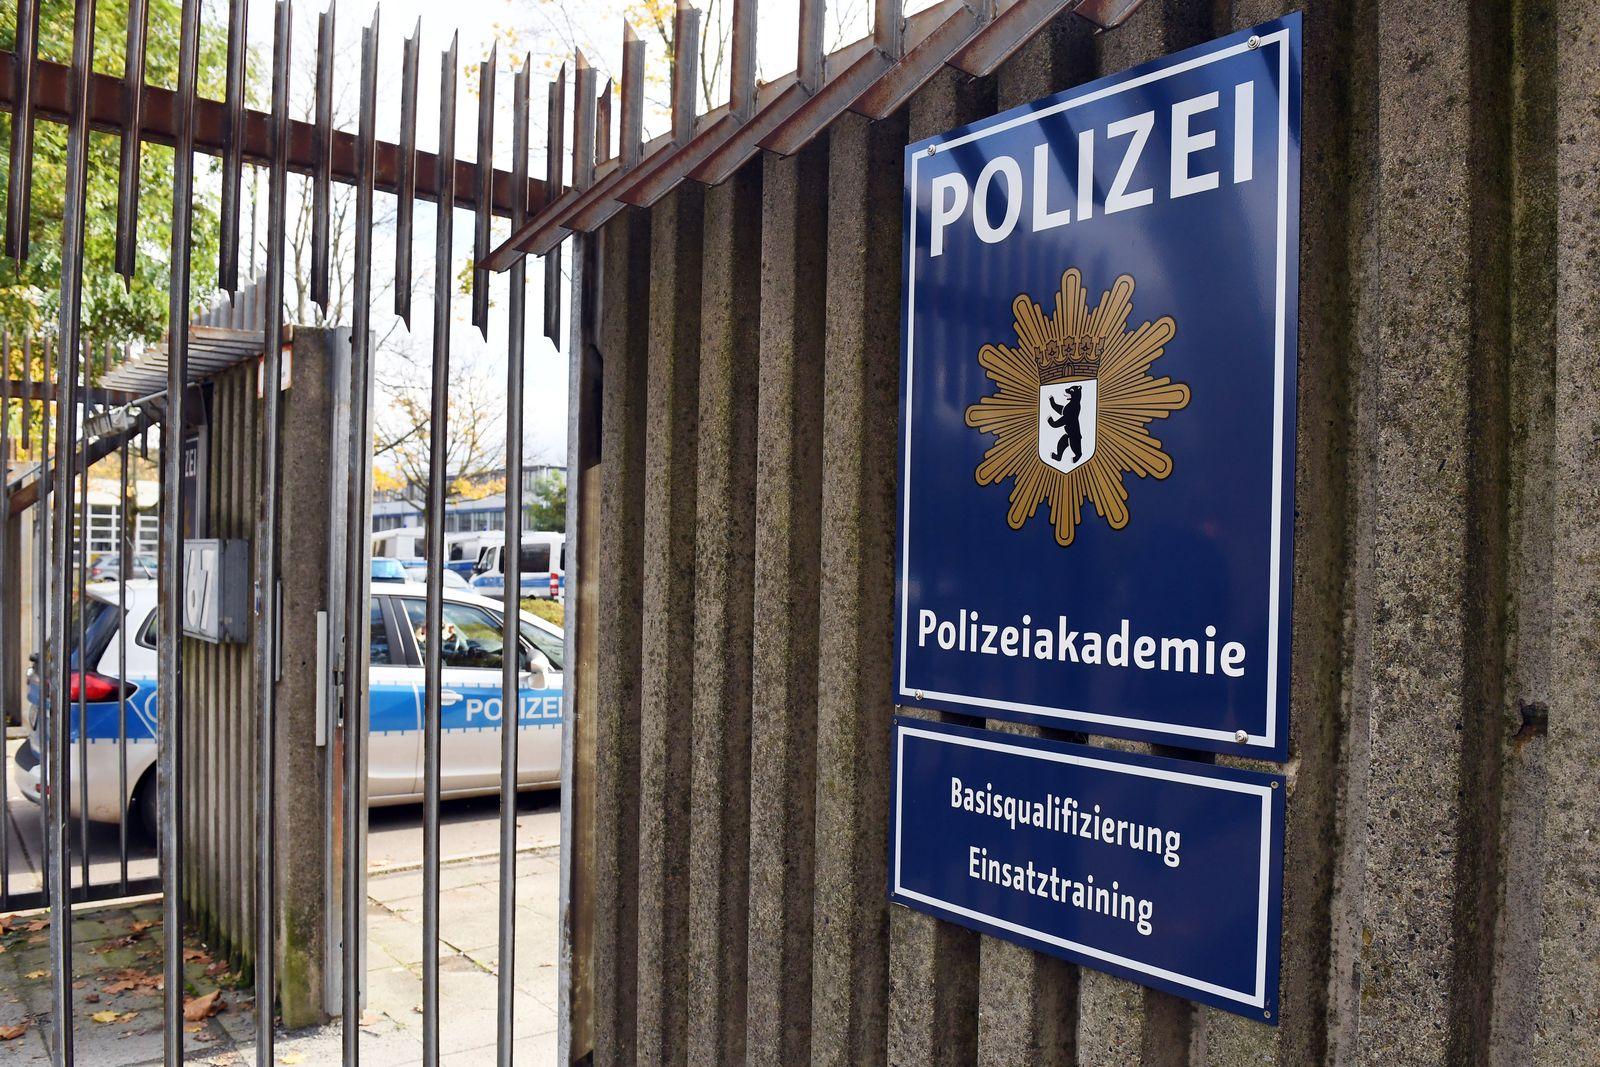 Polizeiakademie Berlin